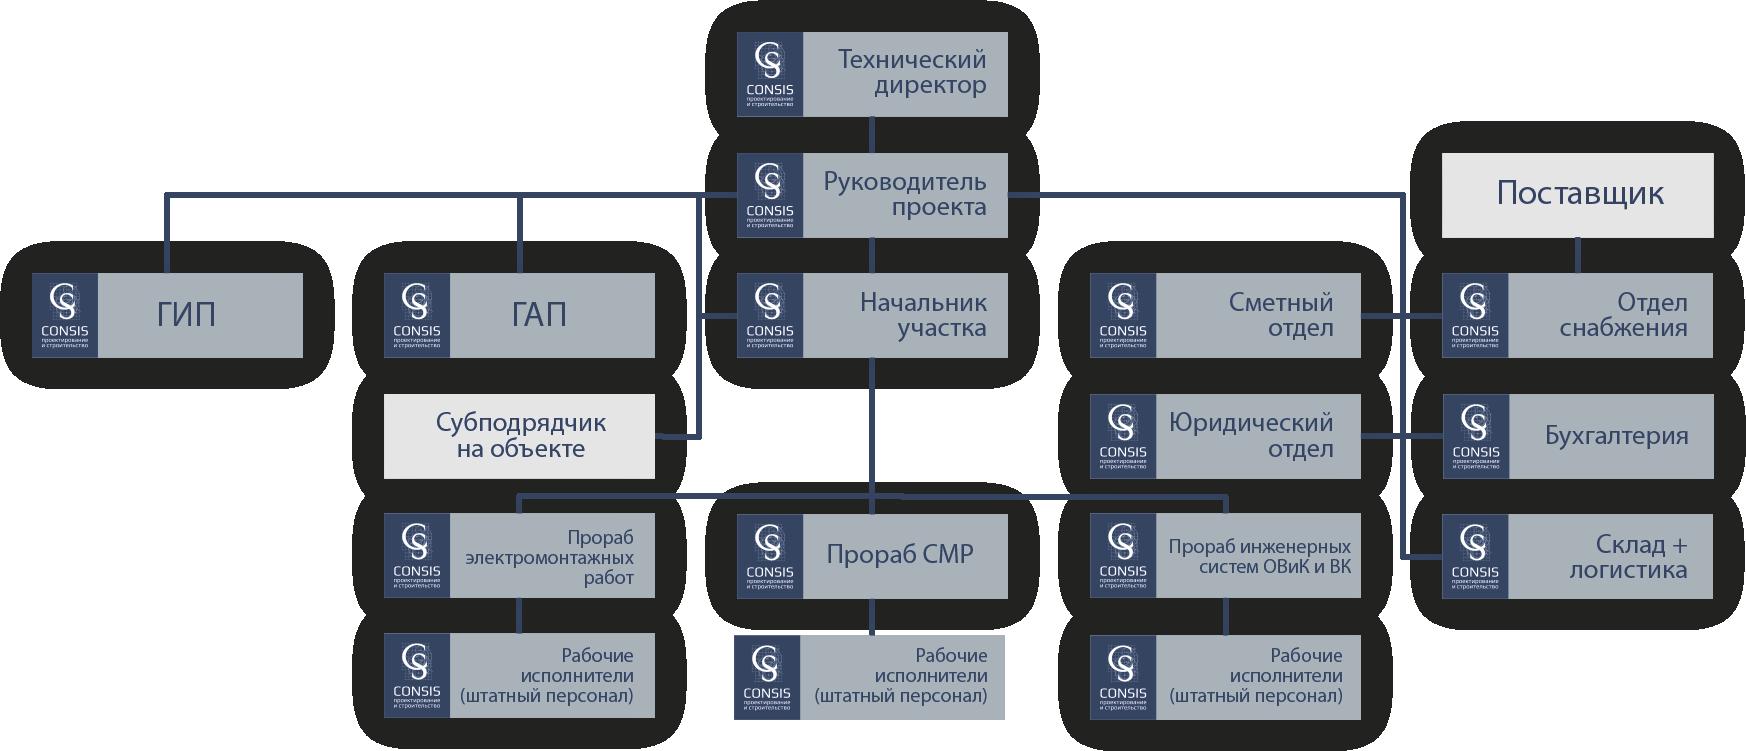 Структурная схема реализации проекта Консис